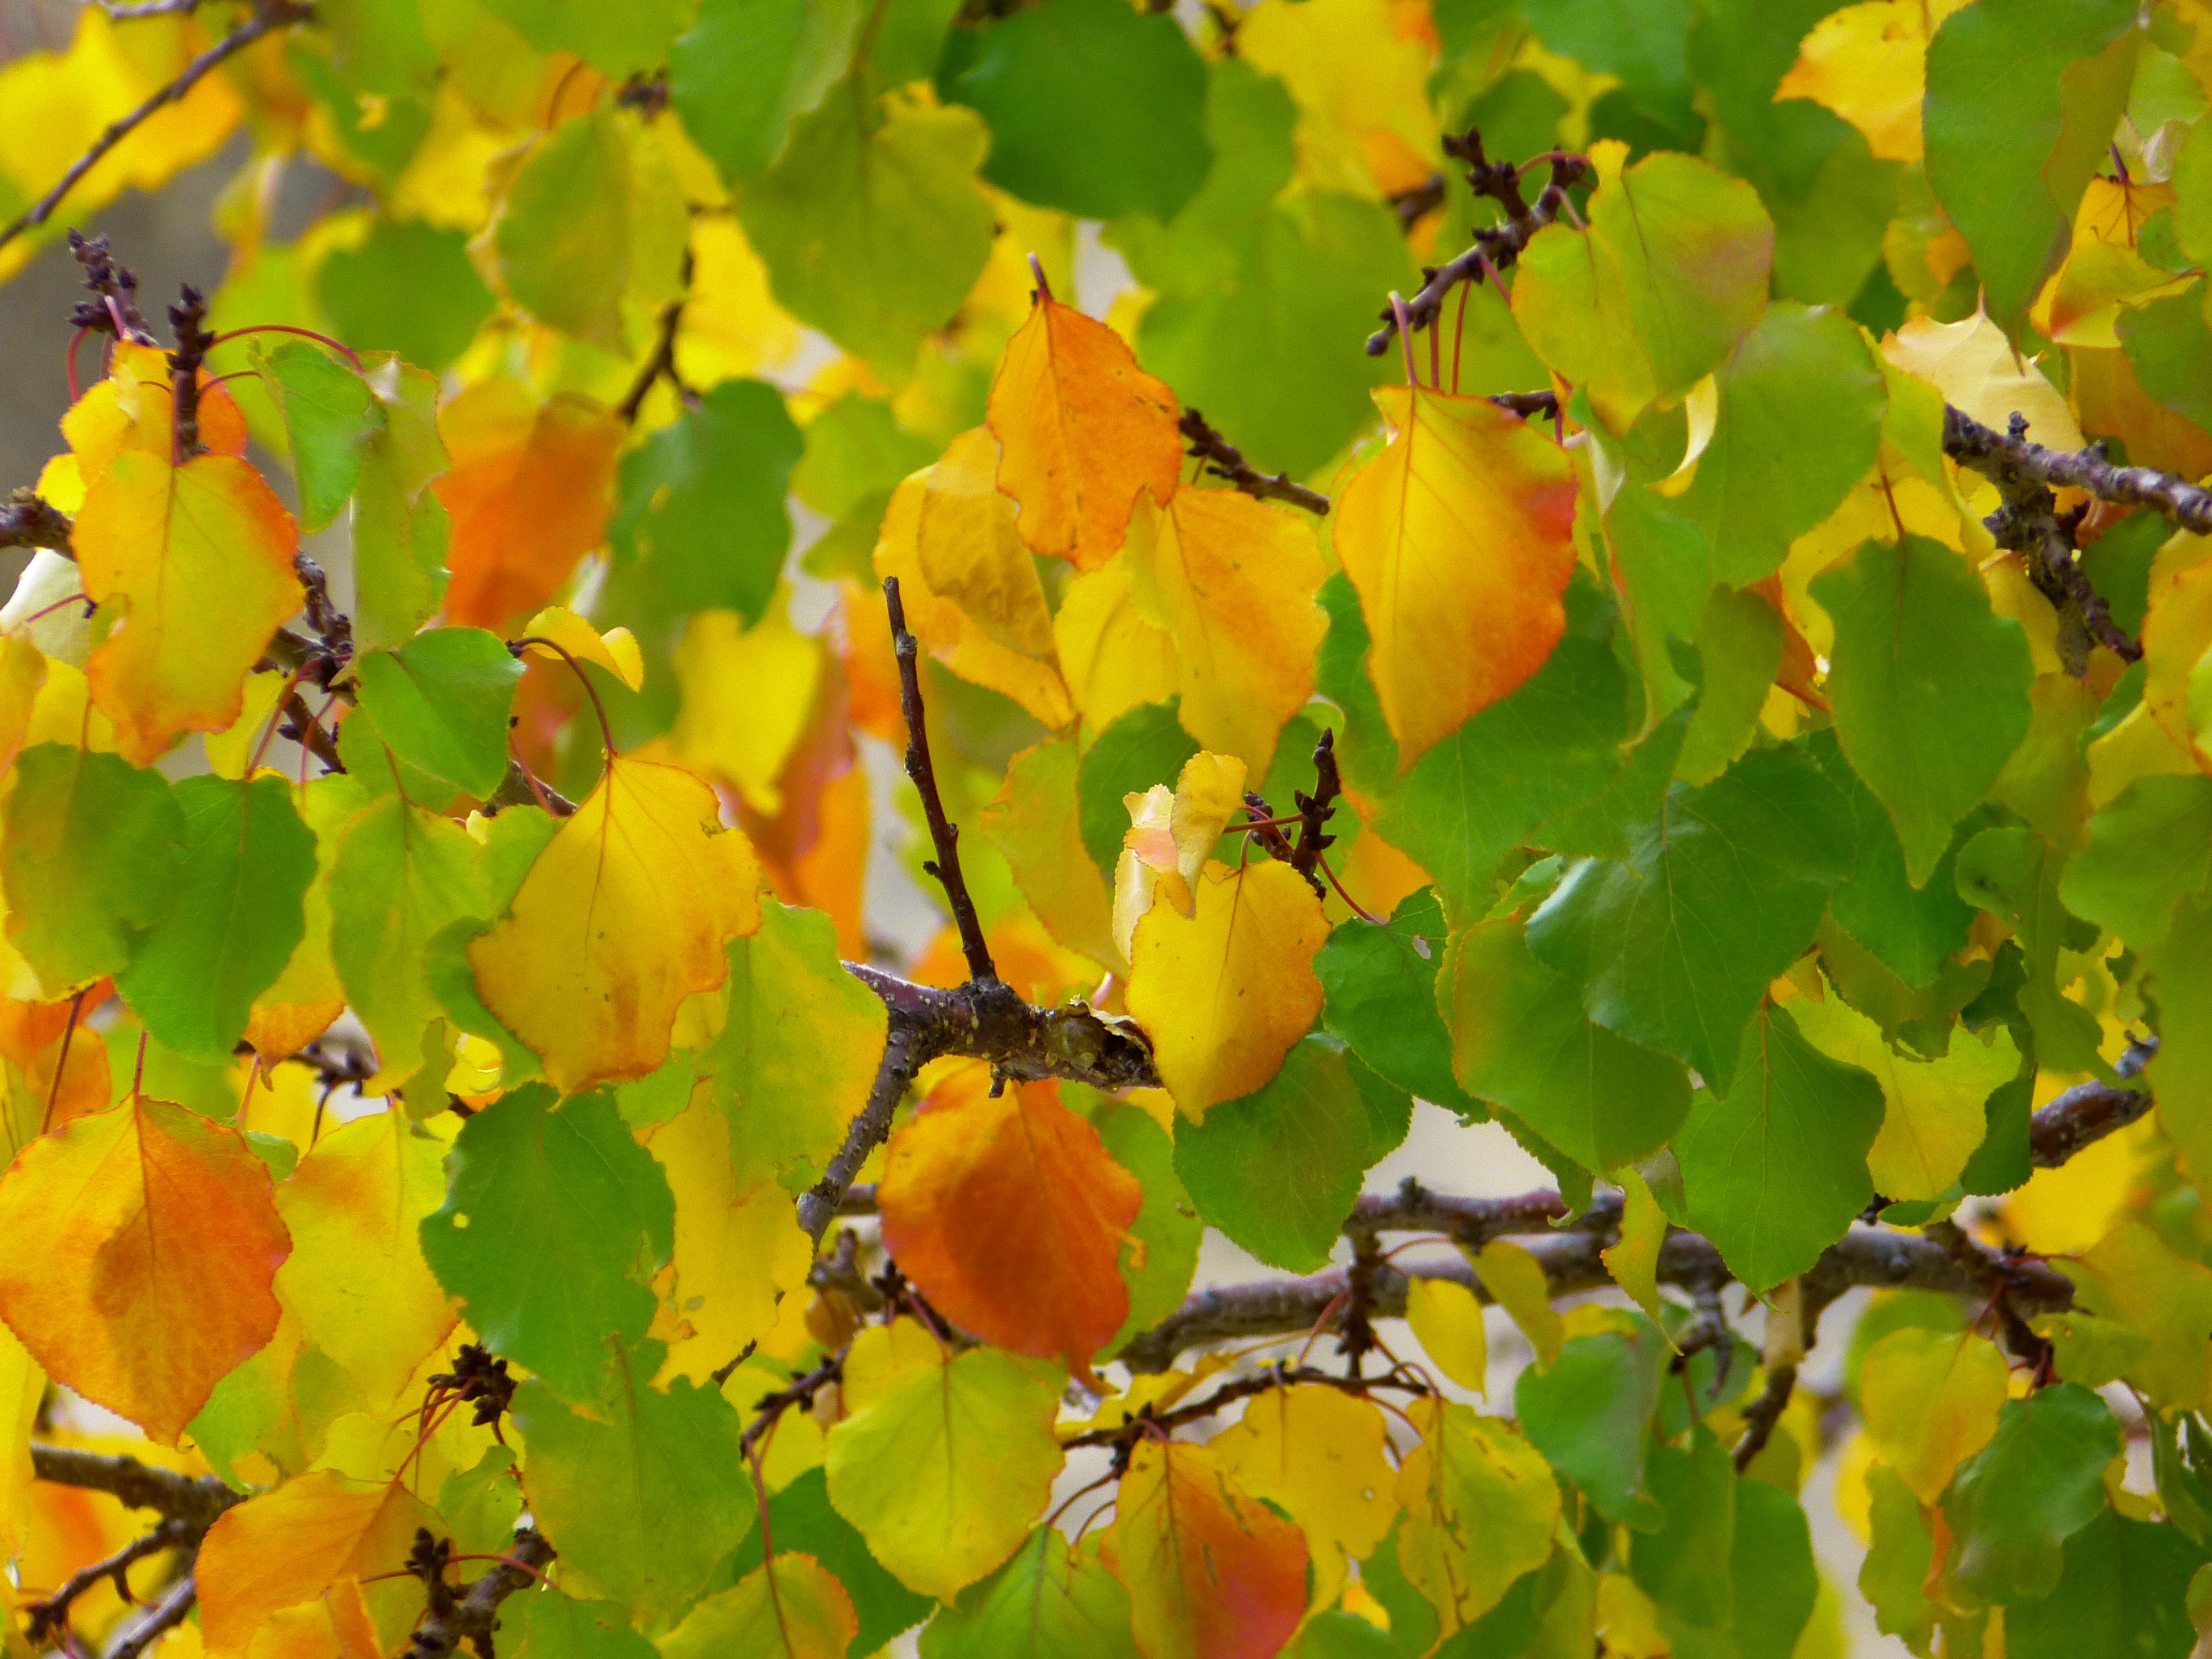 Free Images : nature, branch, sunlight, leaf, flower, orange, food ...